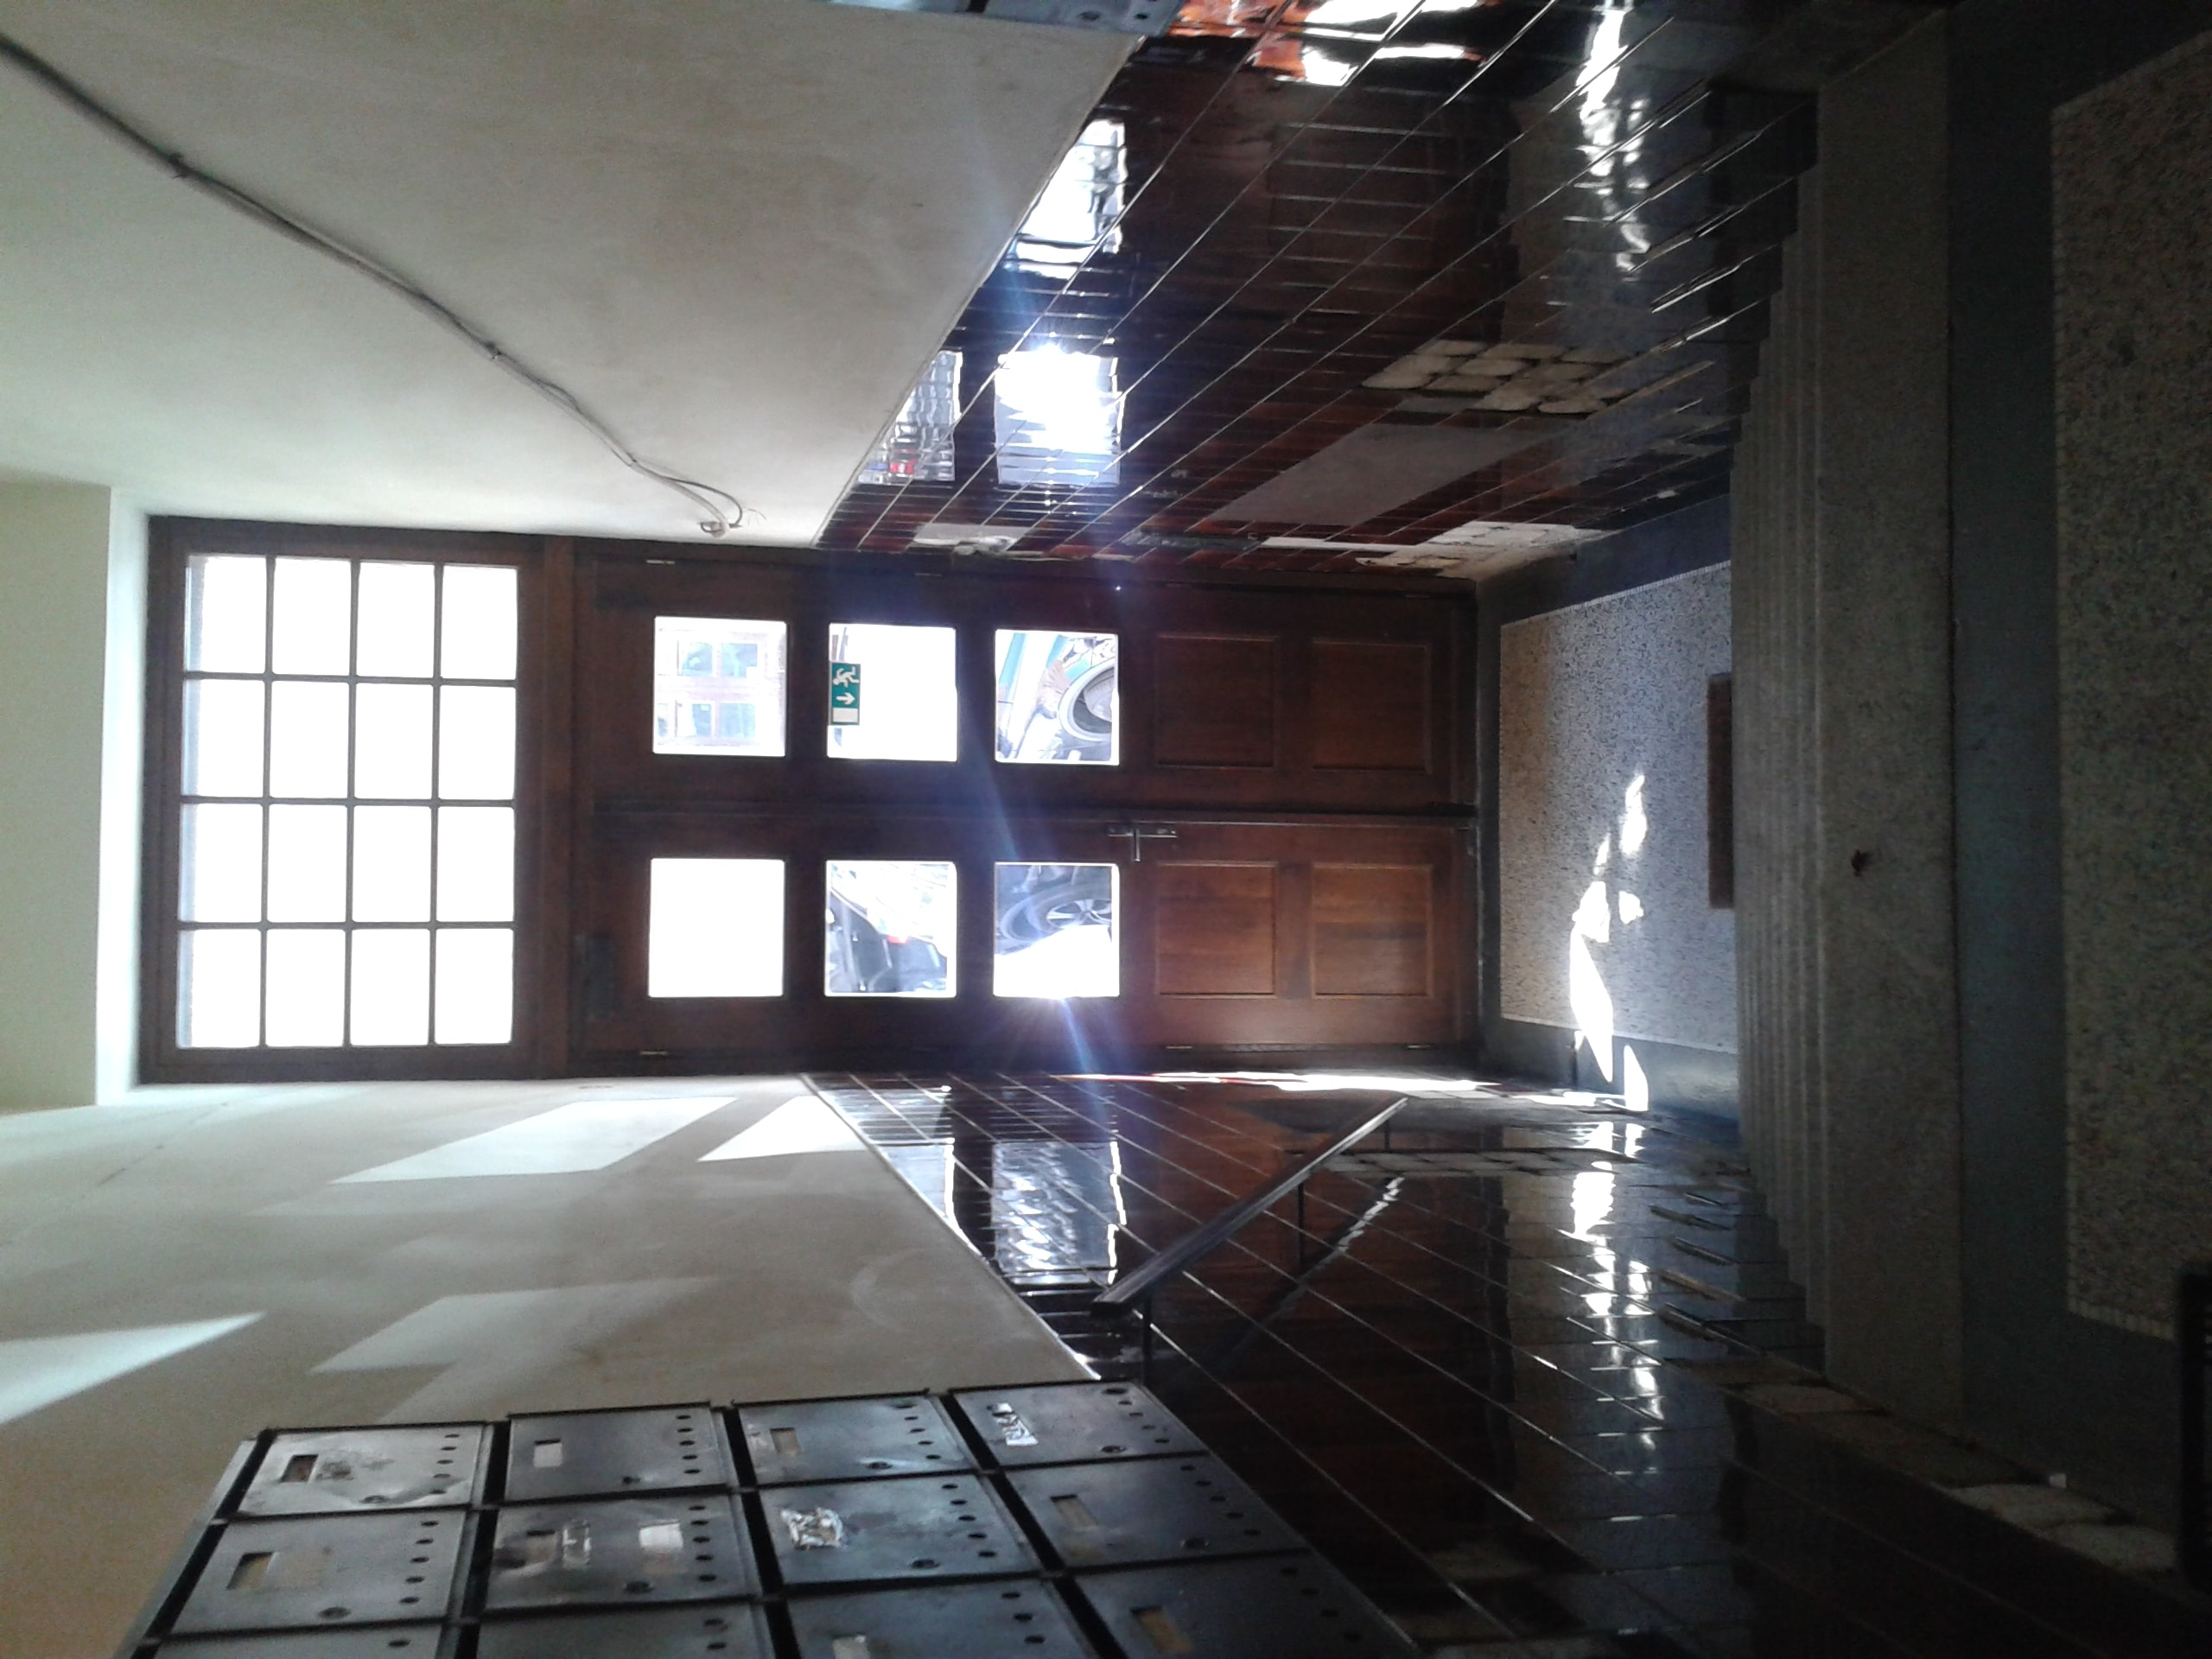 למכירה דירת 2 חדרים בשכונת ז'יז'קוב בפראג11 (18)